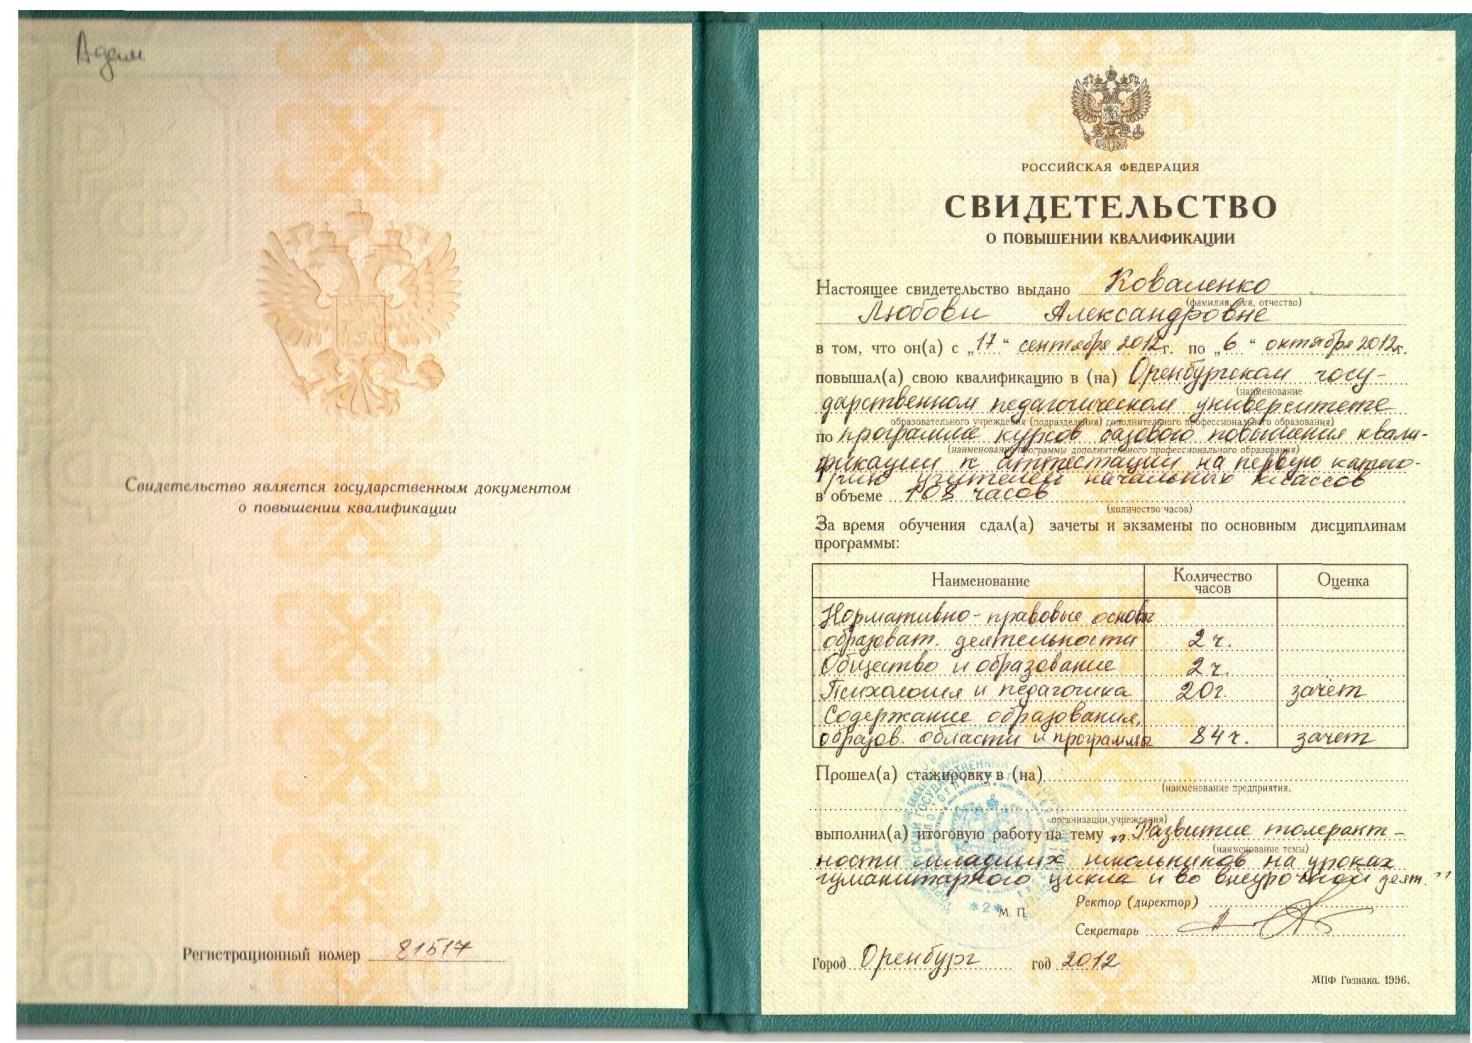 F:\грамоты\sergei_752@mail.ru\helios84@mail.ru\коваленко0002.jpg